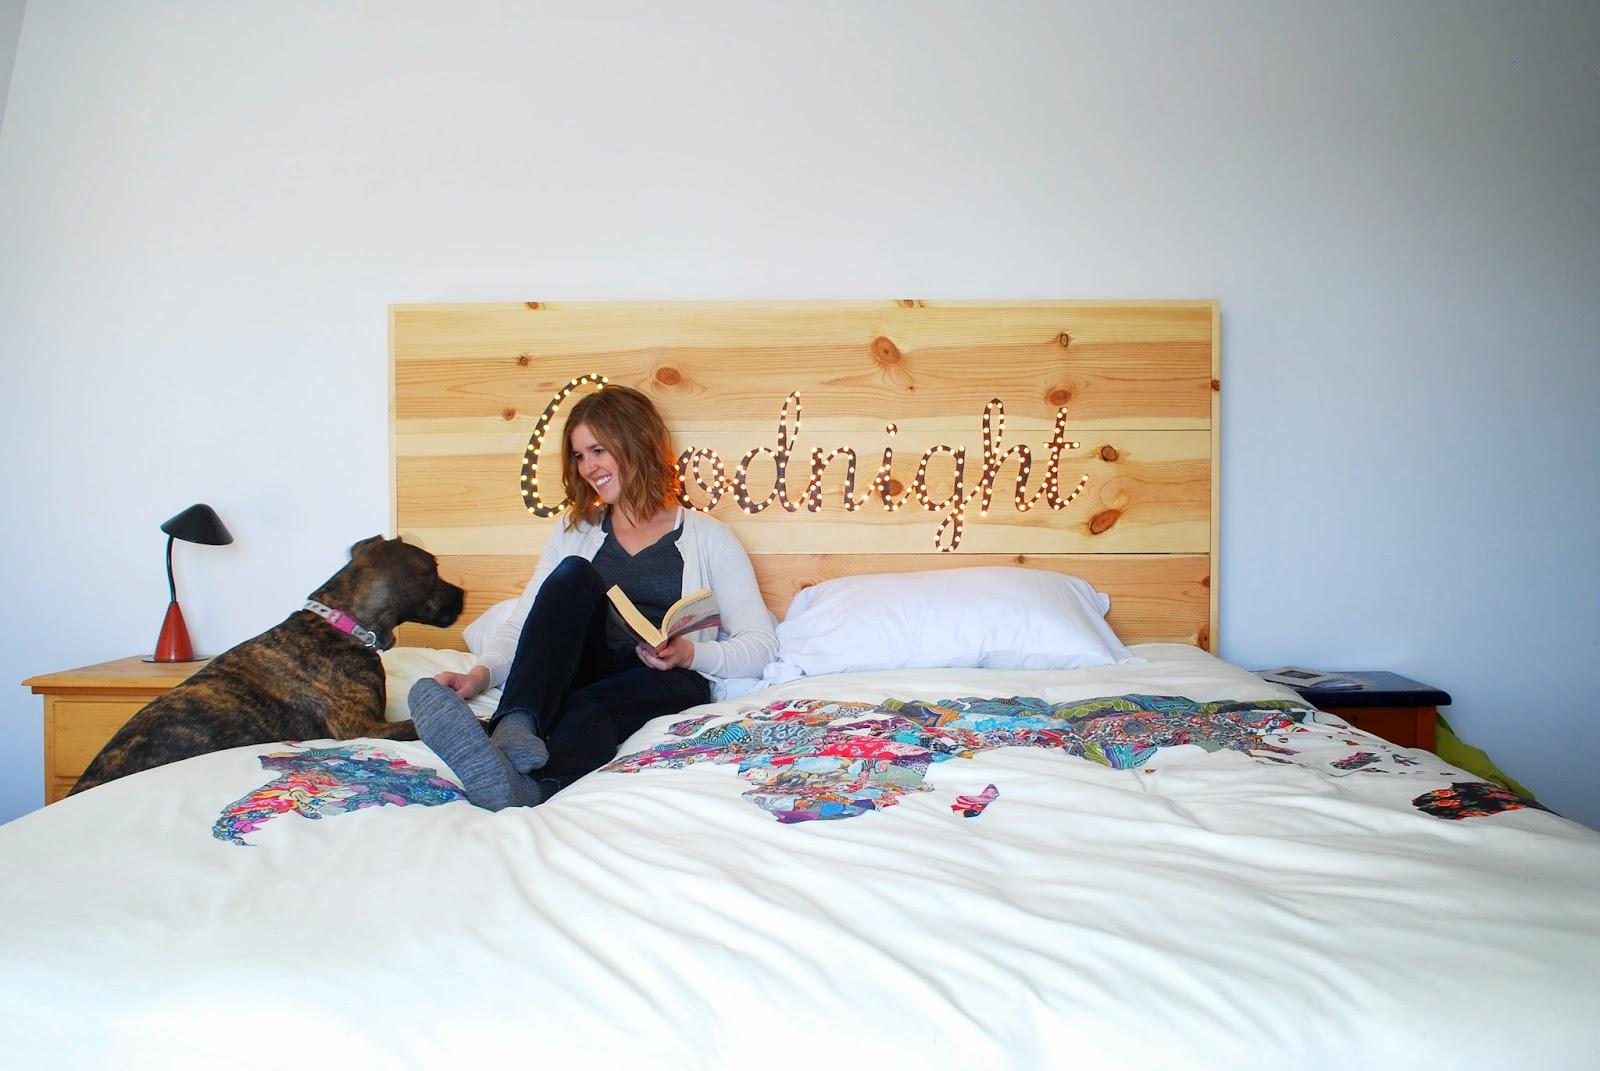 tête de lit lumineuse, tête de lit lumière, DIY tête de lit, faire sa tête de lit soi-même